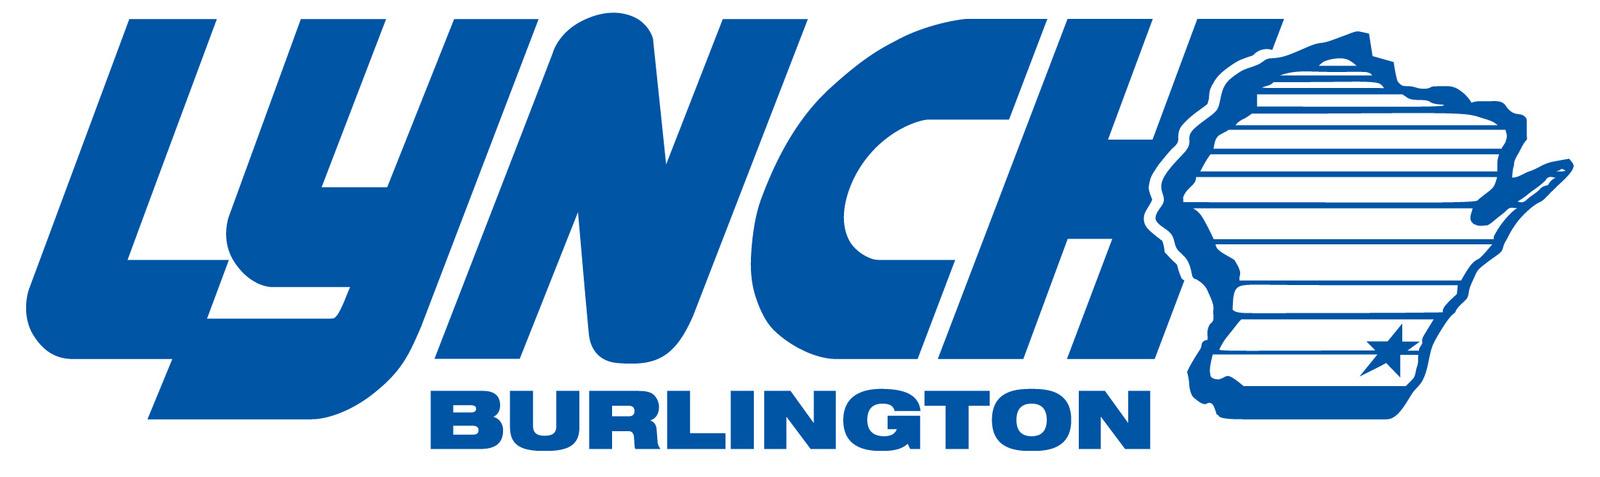 Burlington Used Car Superstore >> Lynch GM Superstore - Burlington, WI - Reviews & Deals ...